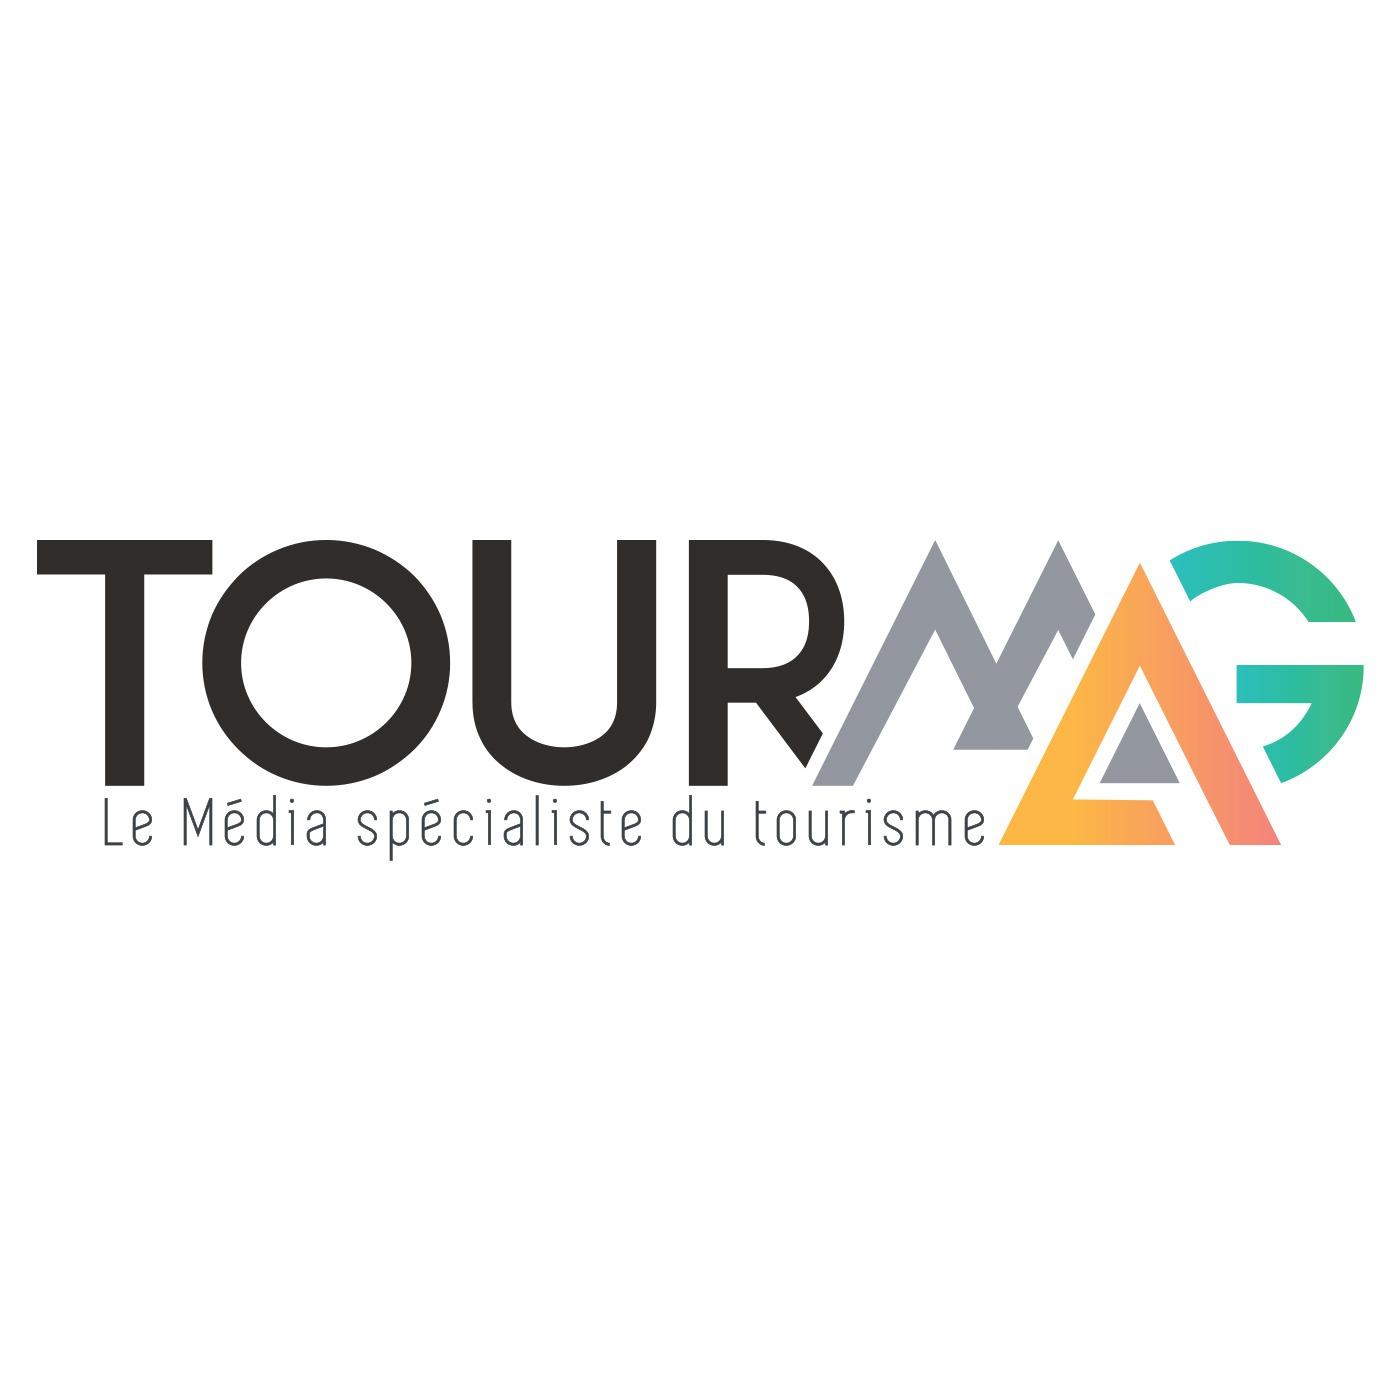 http://www.tourmag.com/var/style/logo.jpg?v=1428404617